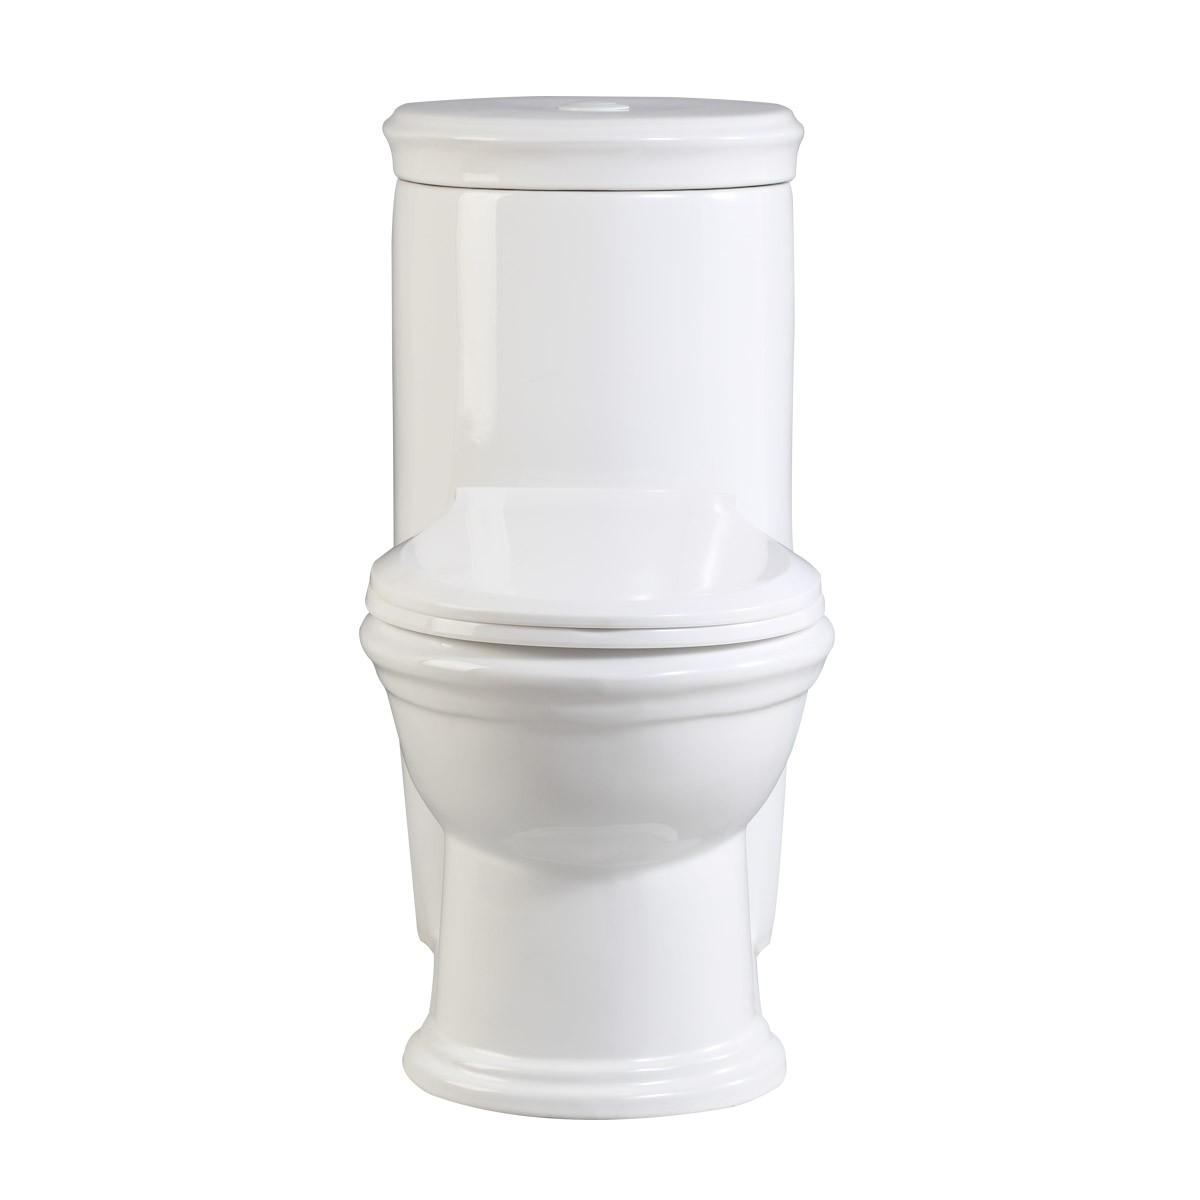 Children Child Kid One Piece Push Button Flush Bathroom Potty Training Toilet